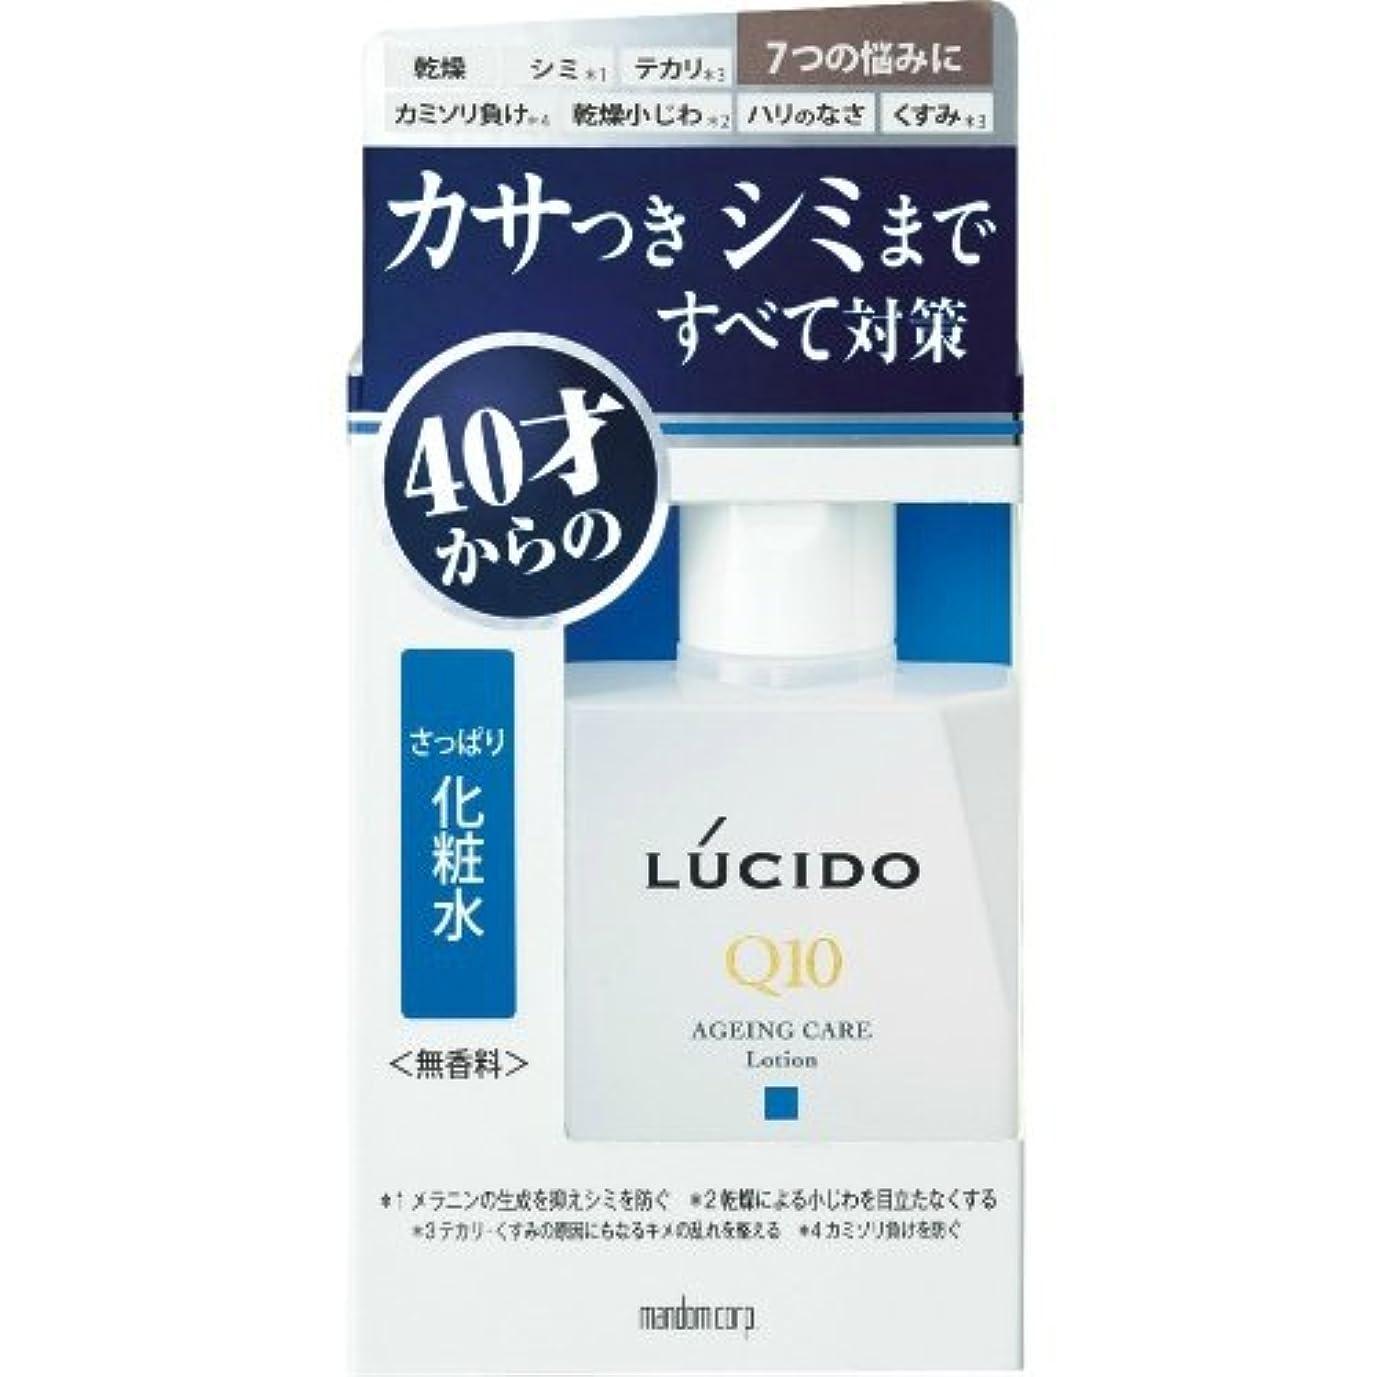 効果せっかちメンタルMANDOM マンダム ルシード 薬用トータルケア さっぱり化粧水 無香料 110ml ×3点セット(4902806107296)